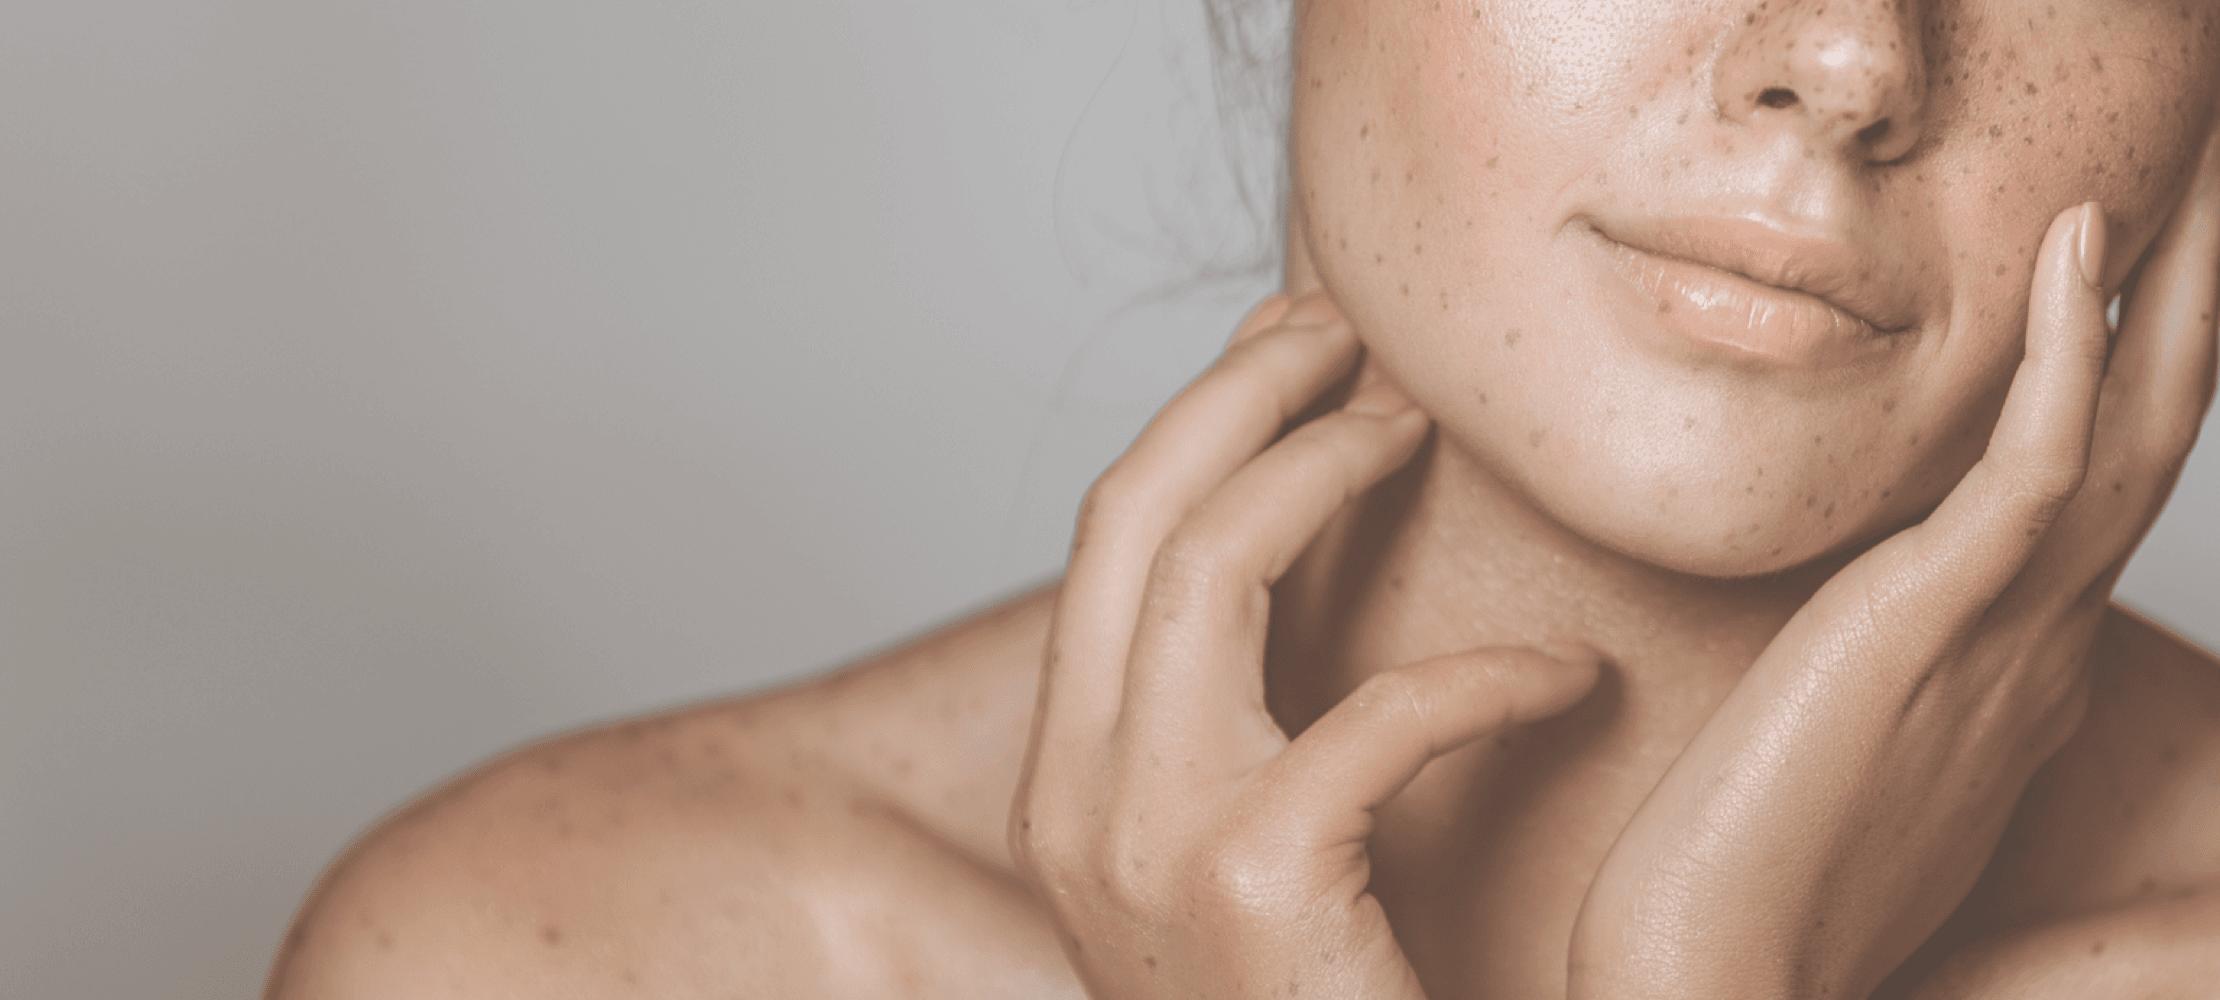 Skin By Lovely Case Study